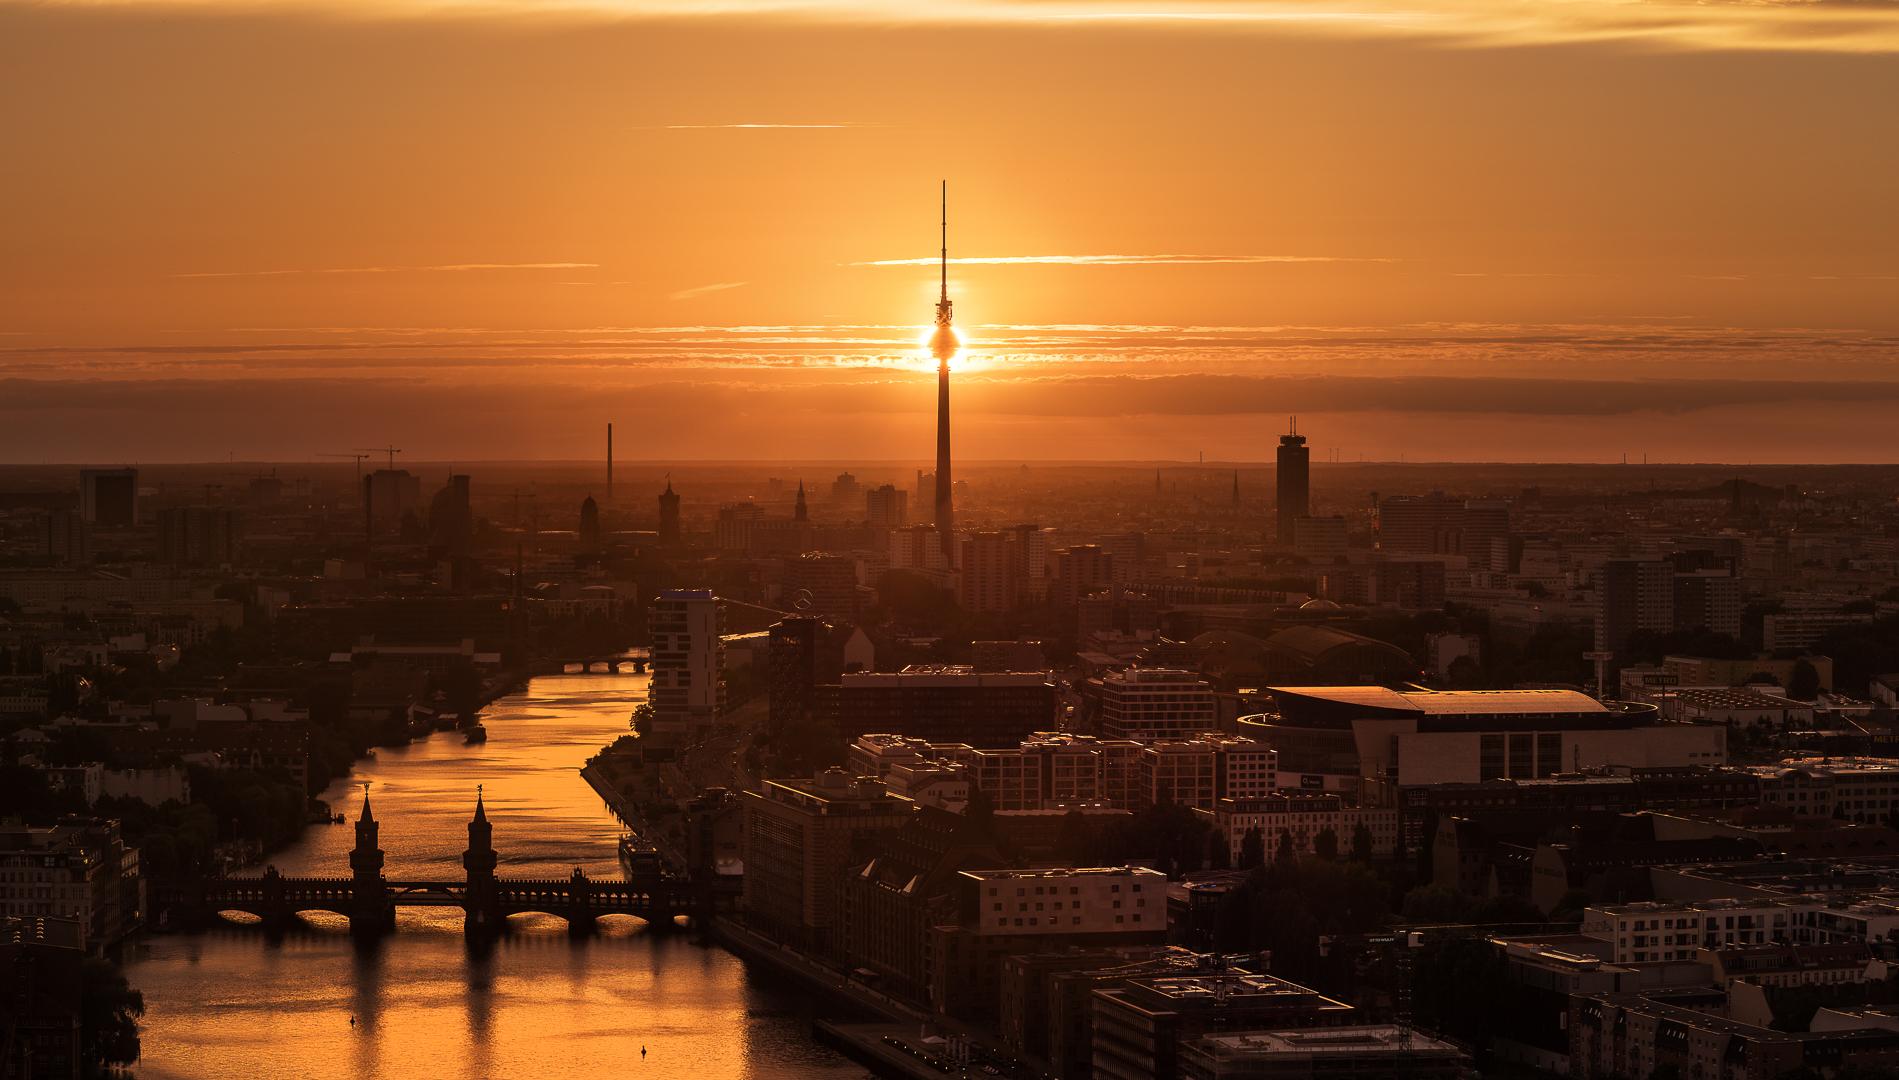 Die untergehende Sonne hinter dem Fernsehturm in Berlin als Panorama